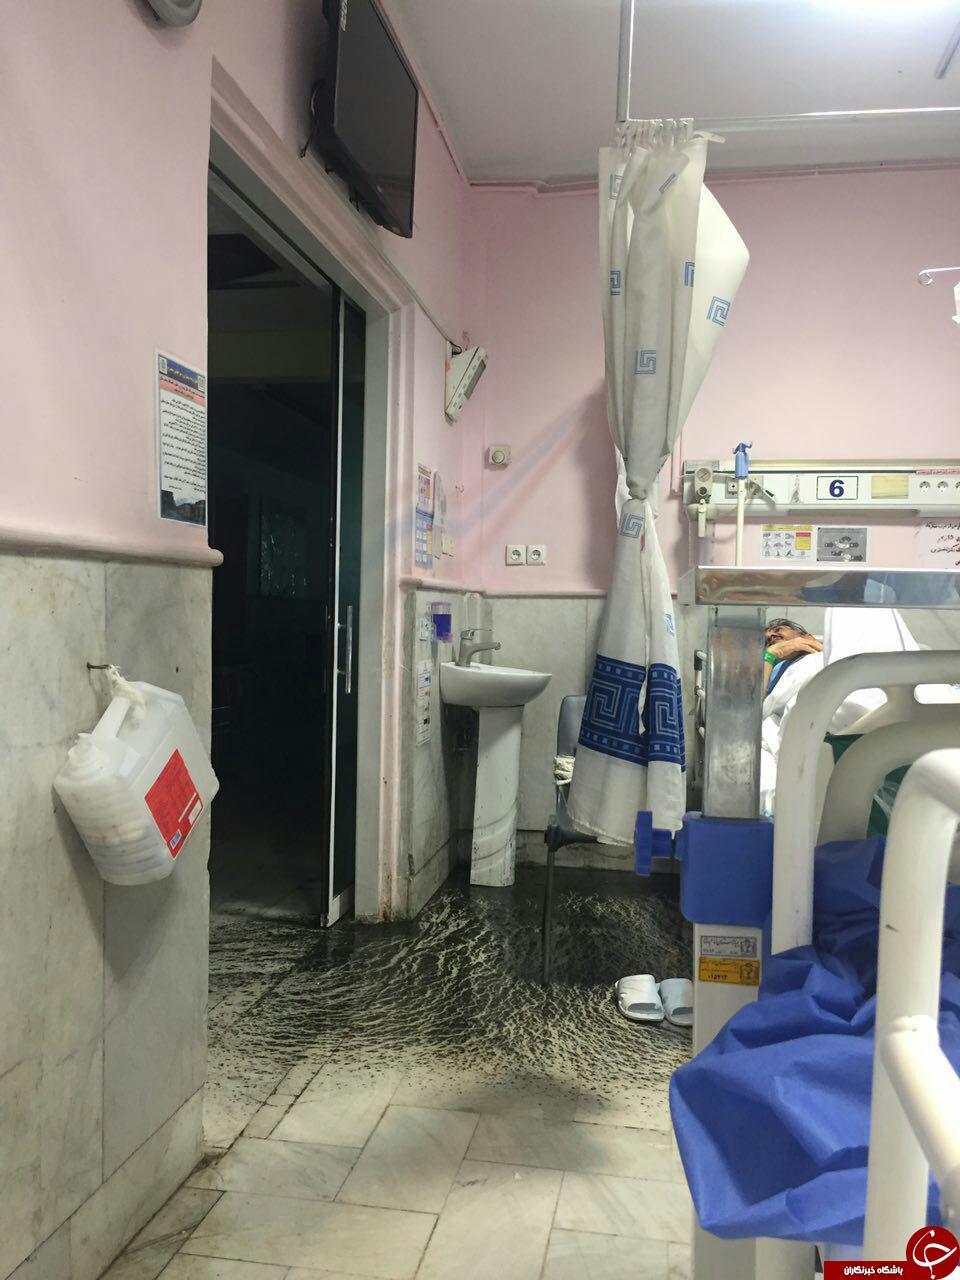 بوى شديد فاضلاب در بيمارستان امام رضا مشهد + تصویر